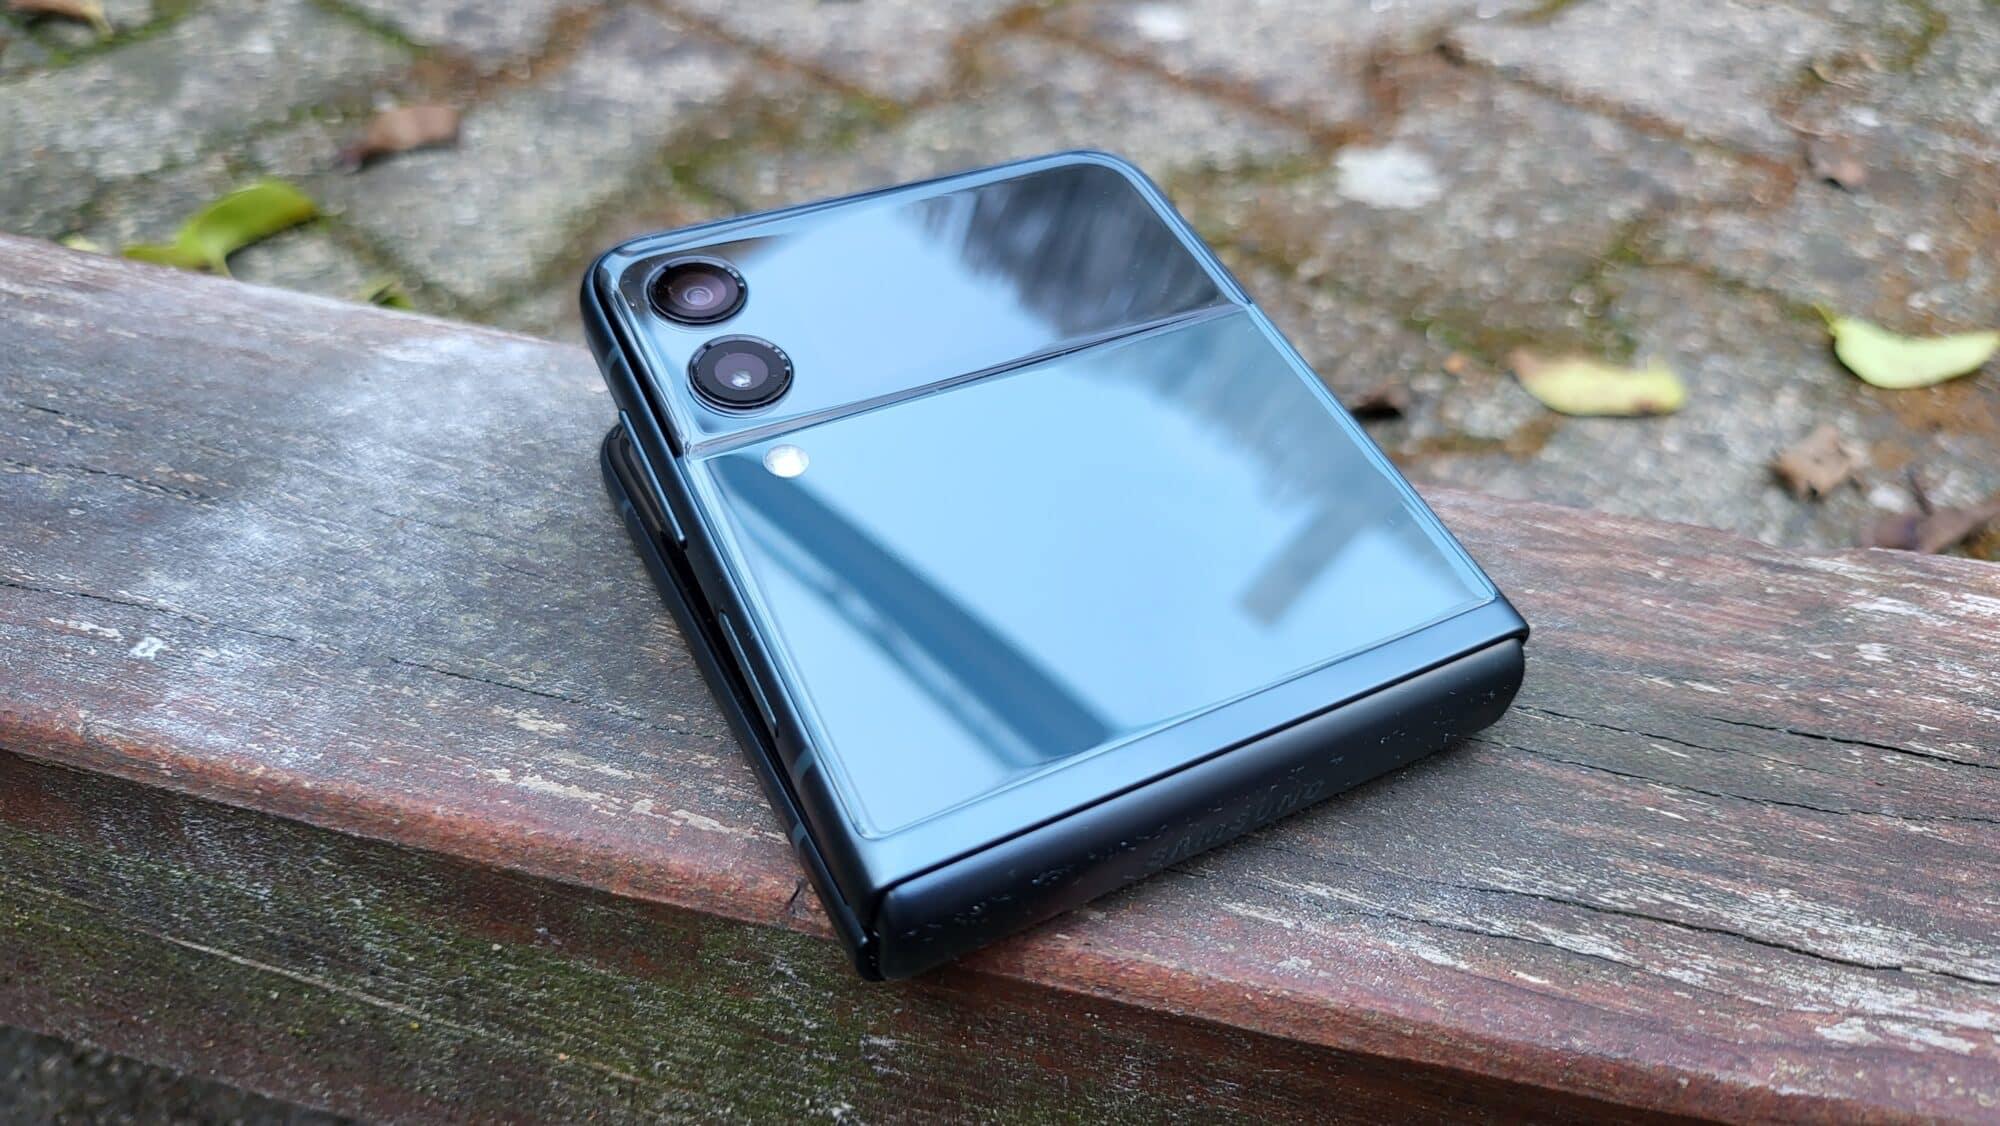 Z Flip 3, Test – Galaxy Z Flip 3, un bijou de technologie !